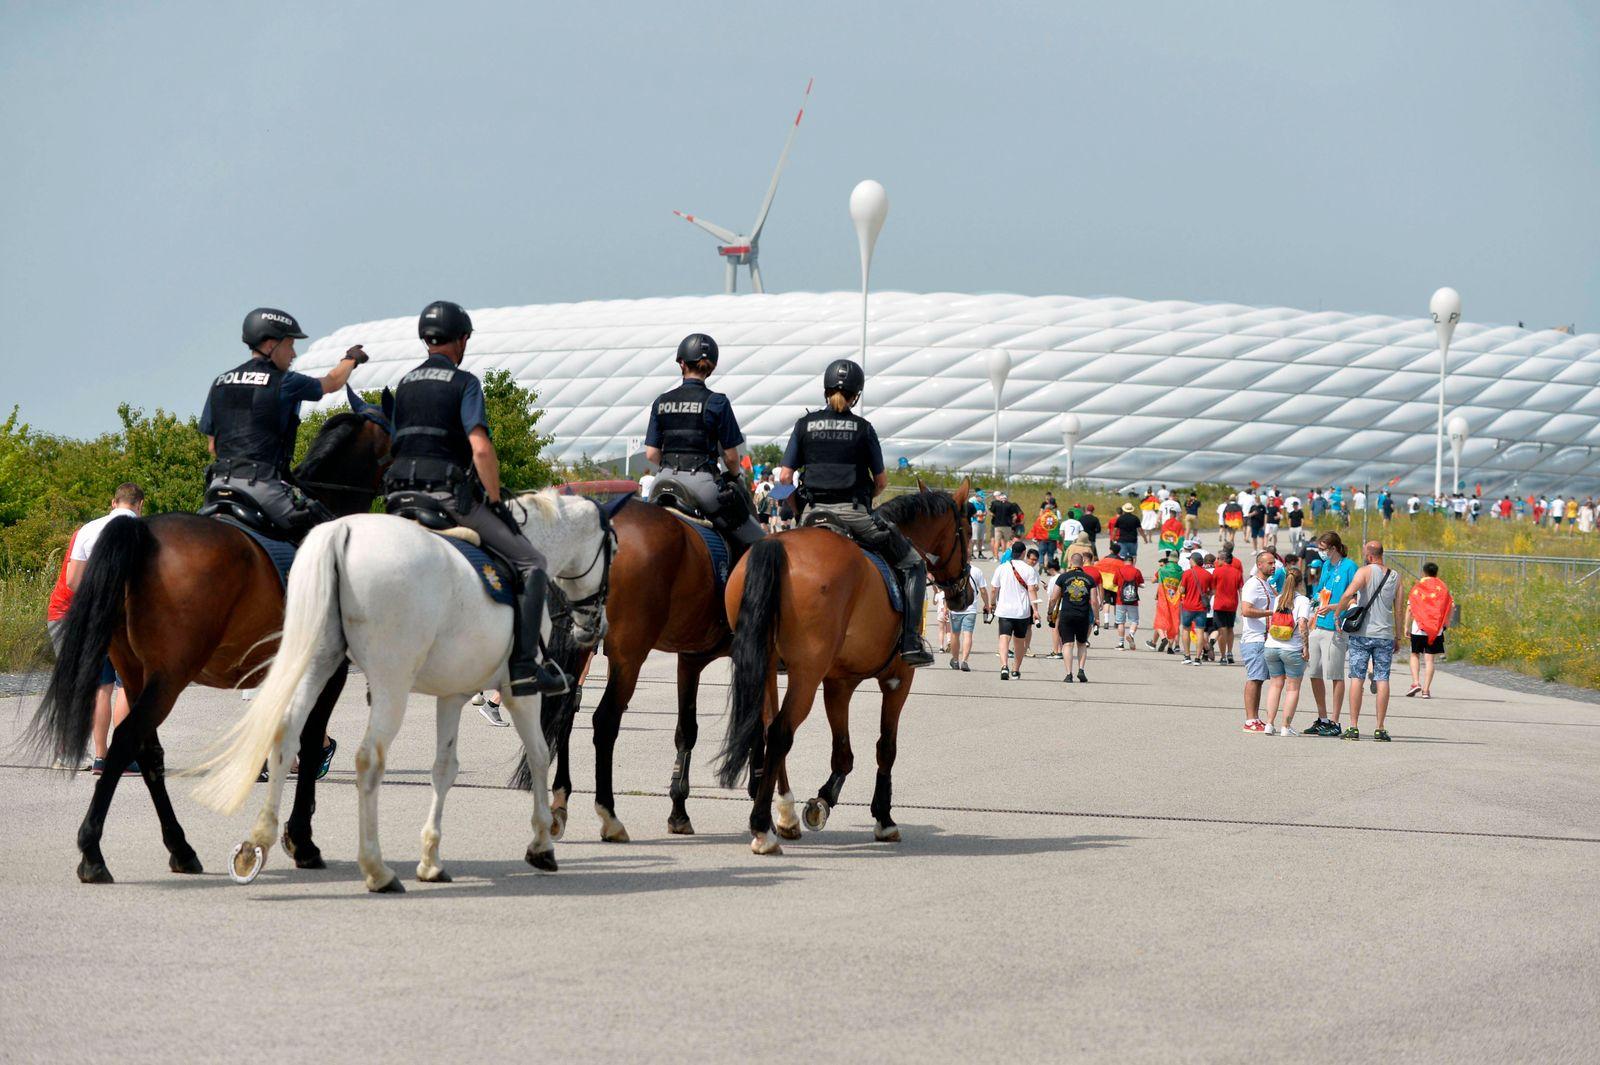 19.06.2021, Fussball, Europameisterschaft 2020, Gruppenspiel Gruppe F, Portugal - Deutschland, in der Fußball Arena Münc